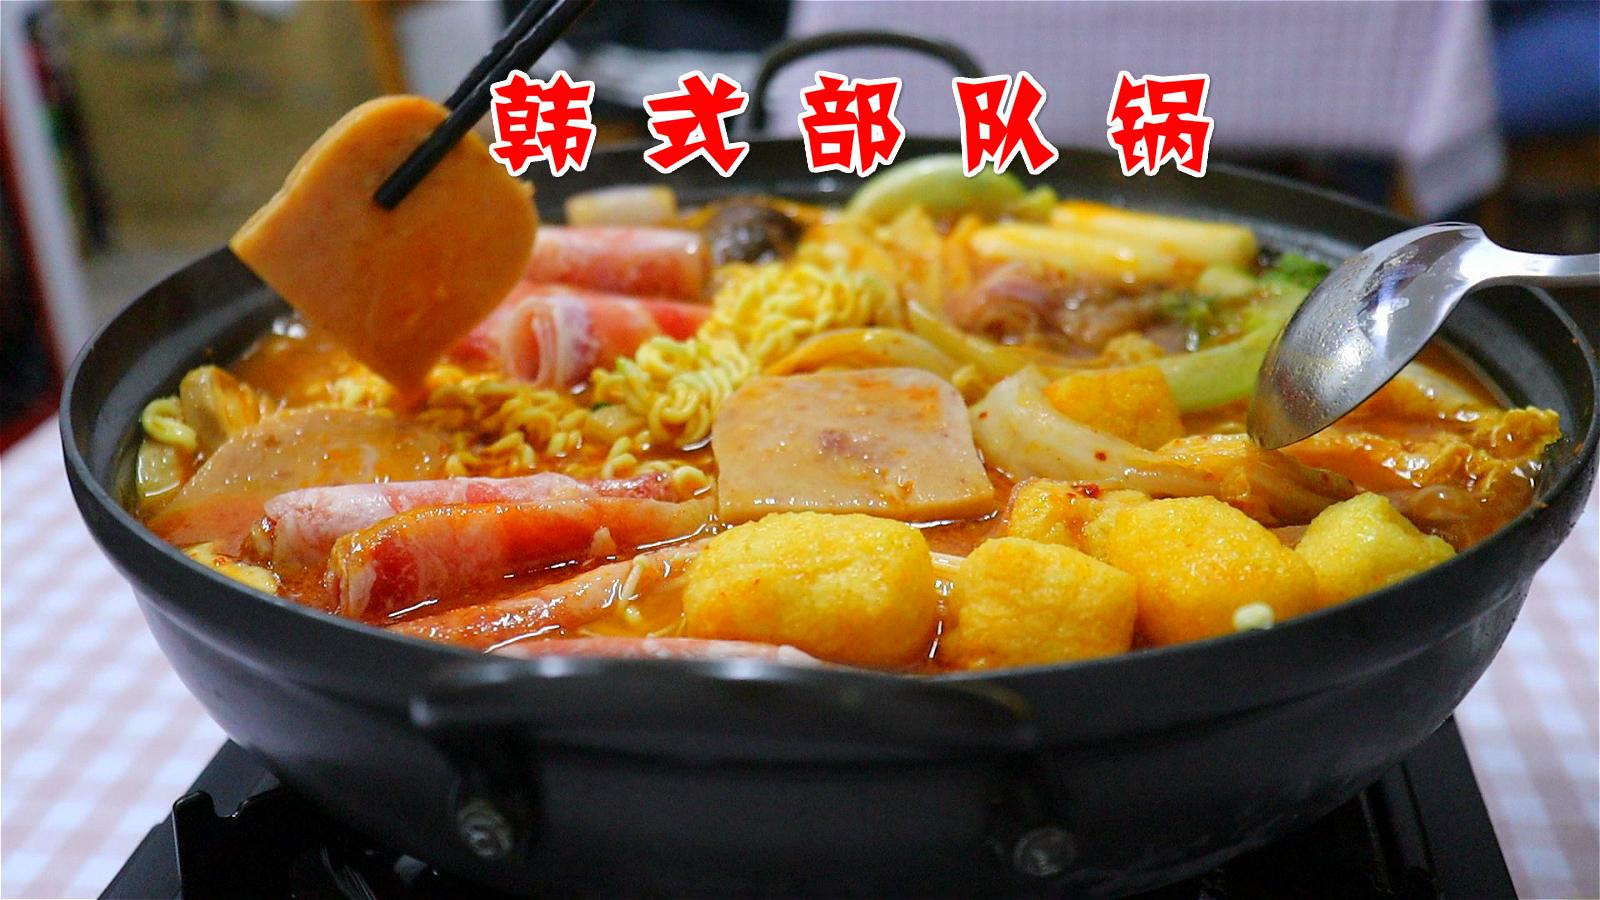 韩式部队锅,美味料又多。肥牛午餐肉,拉面大口嗦